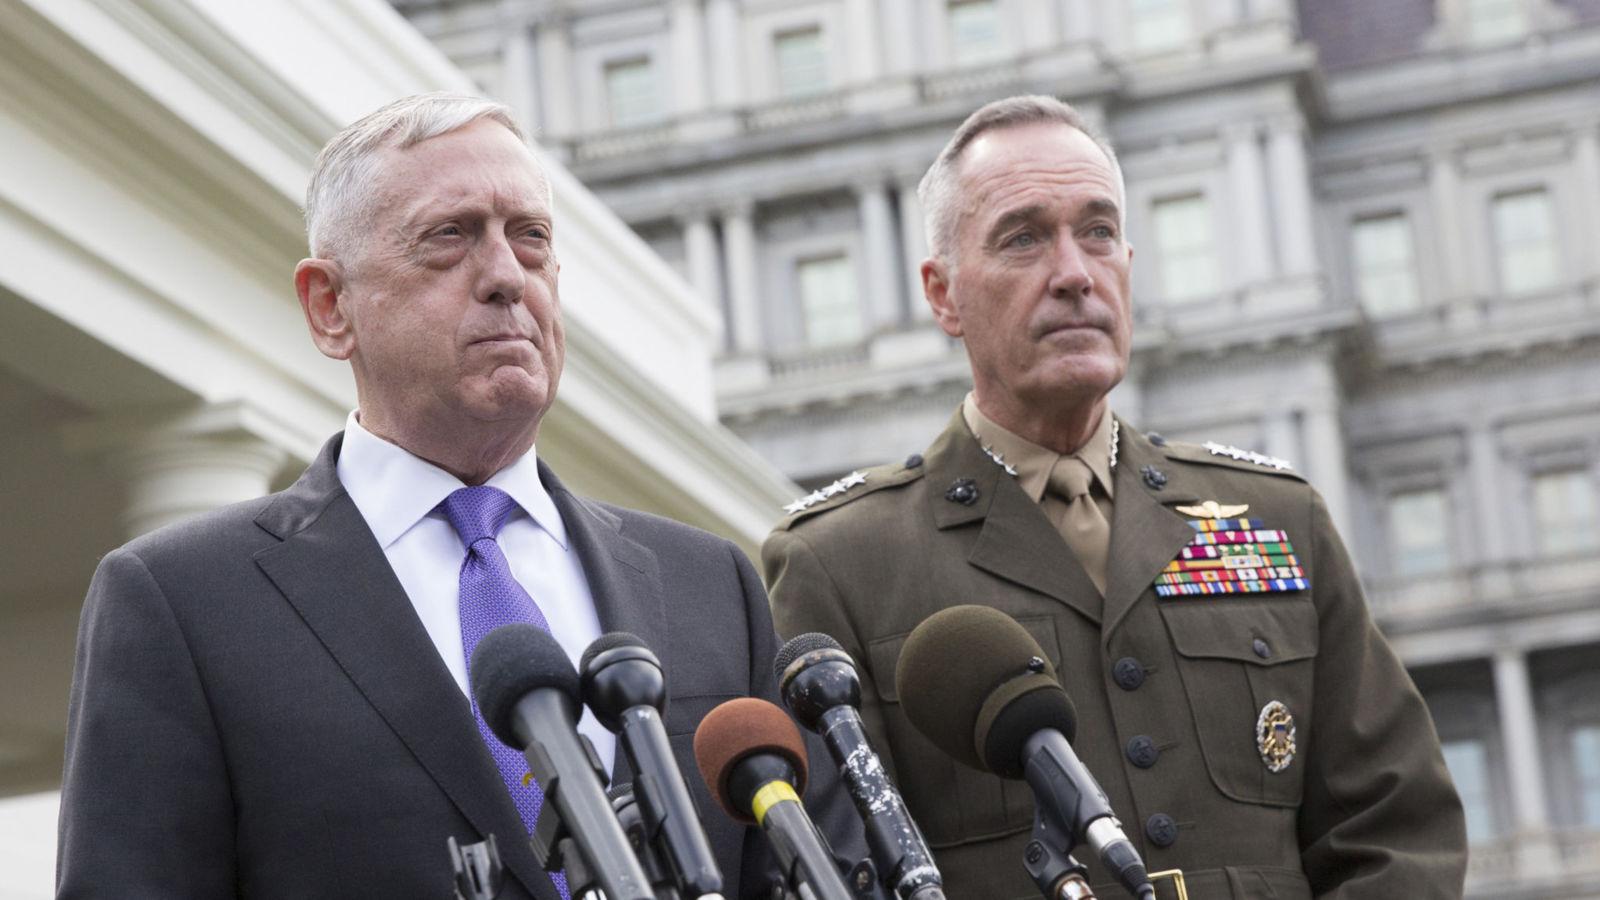 Le secrétaire de la Défense James Mattis a fait la dernière déclaration américaine sur la Corée du Nord